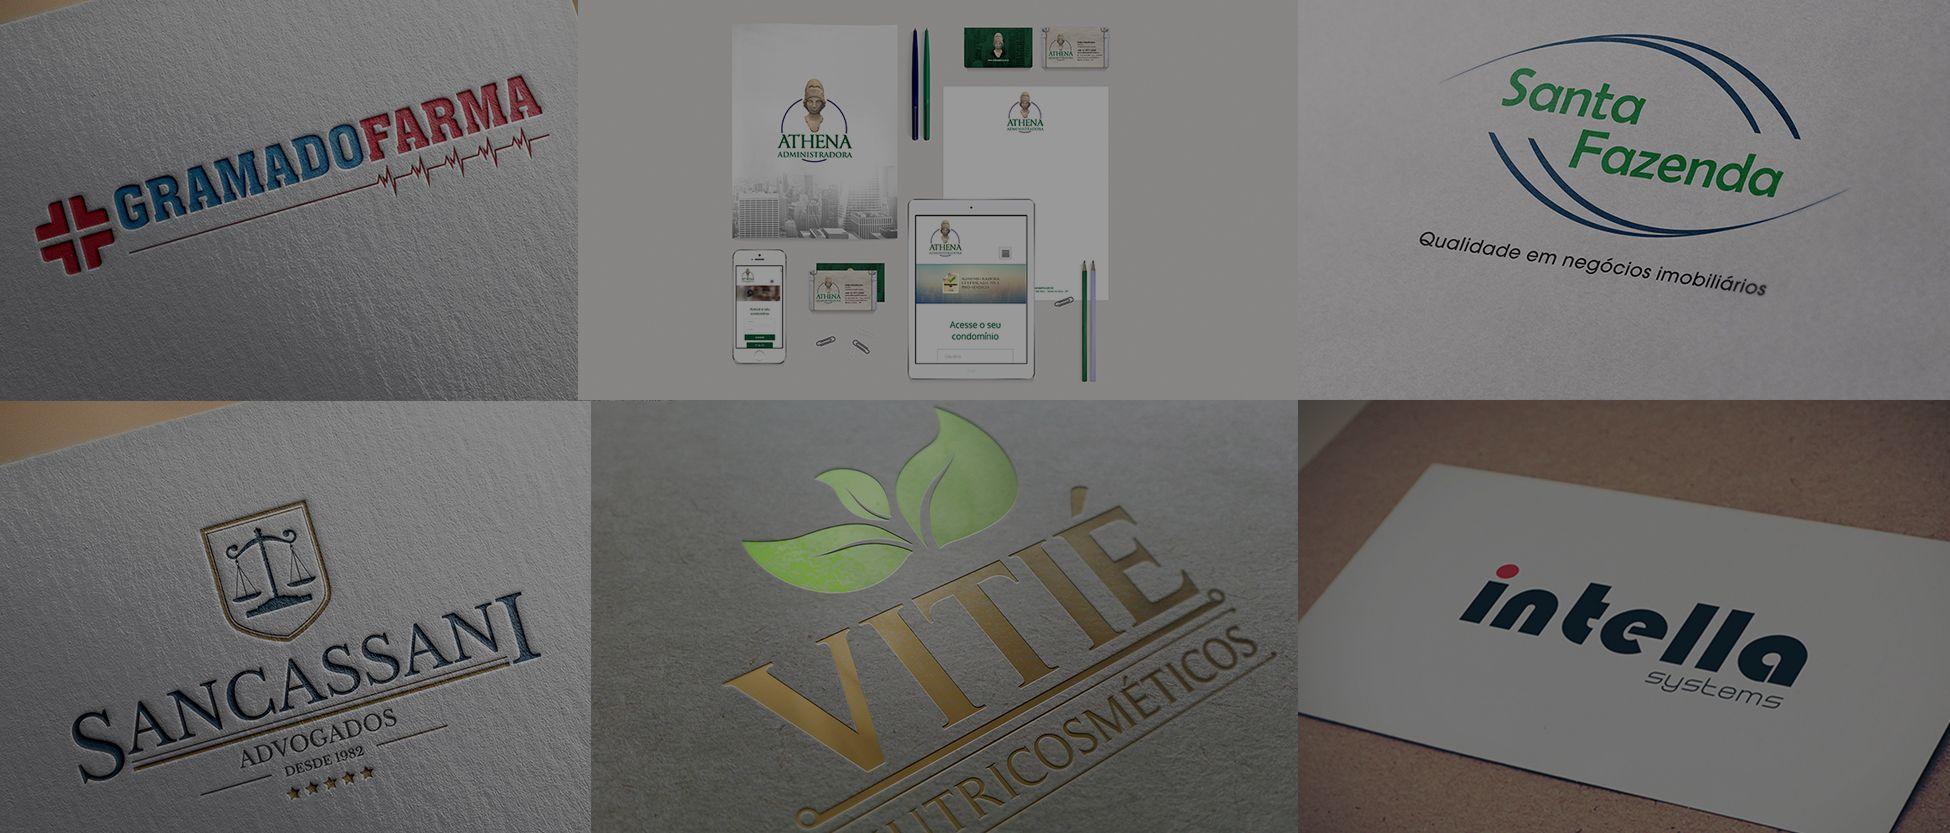 logo-logotipo-marca-branding-papelaria-2-cabeca-criativa-comunicacao-agencia-de-publicidade